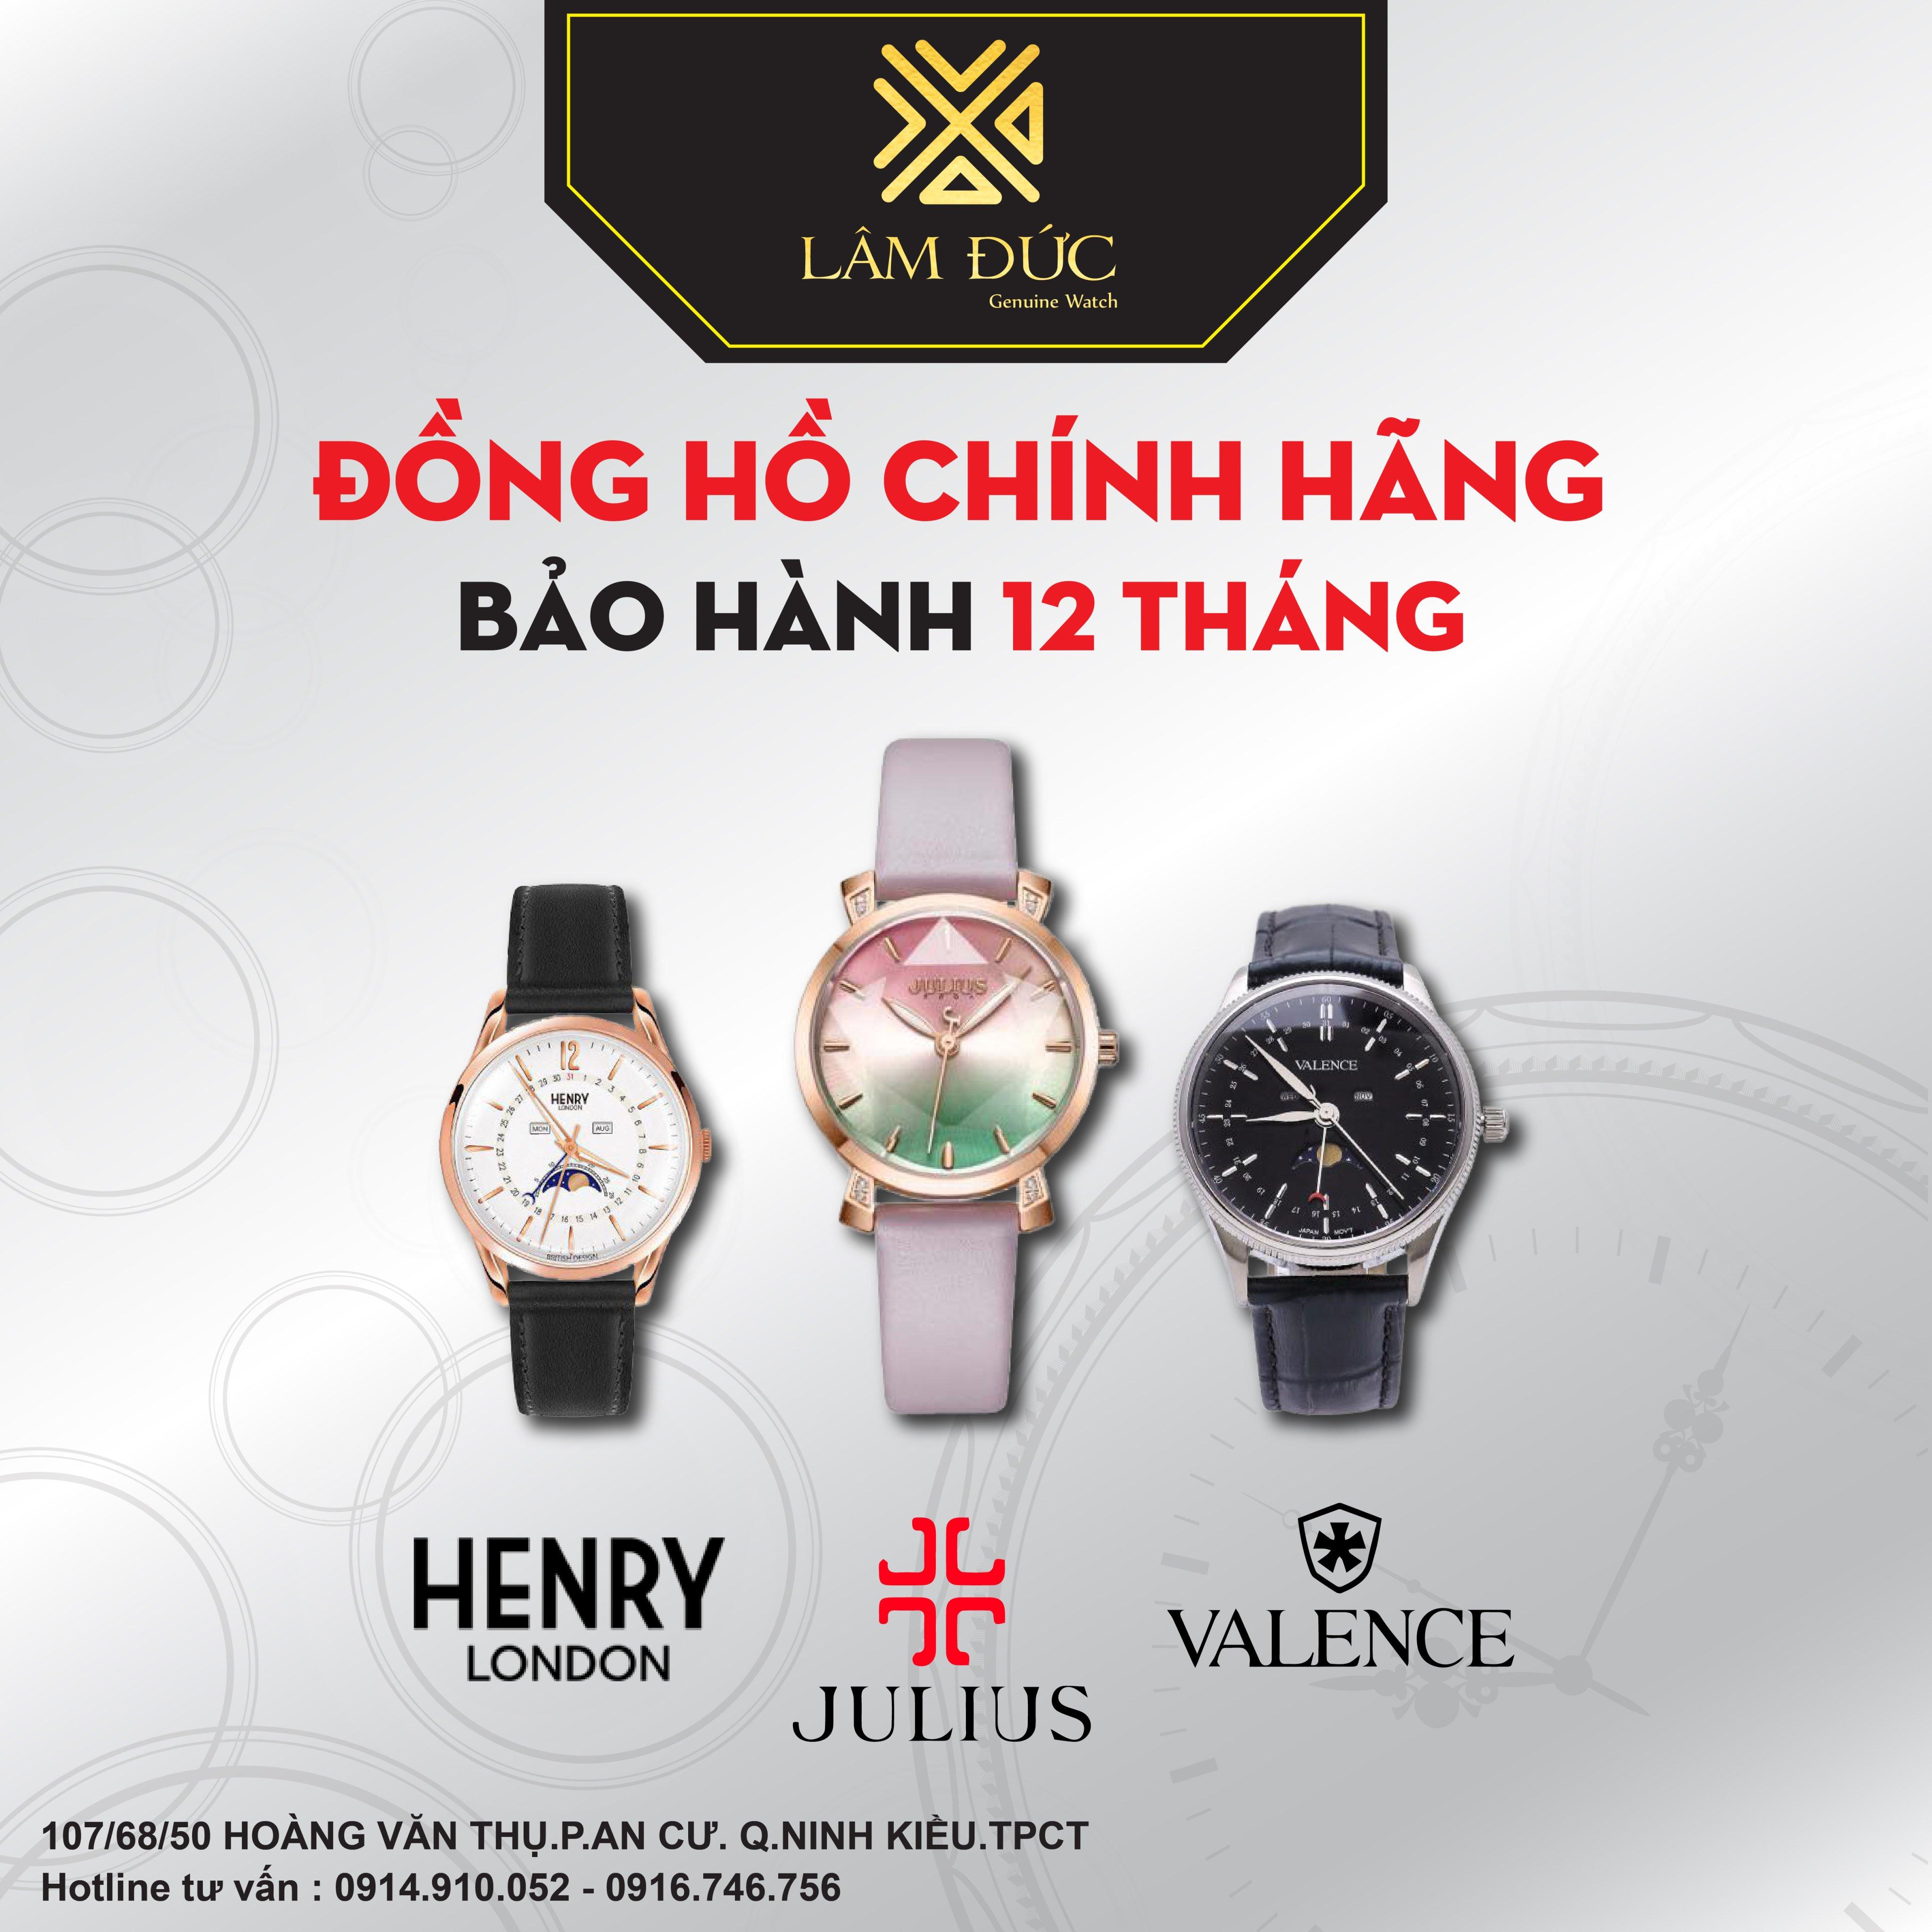 Lâm Đức Watch